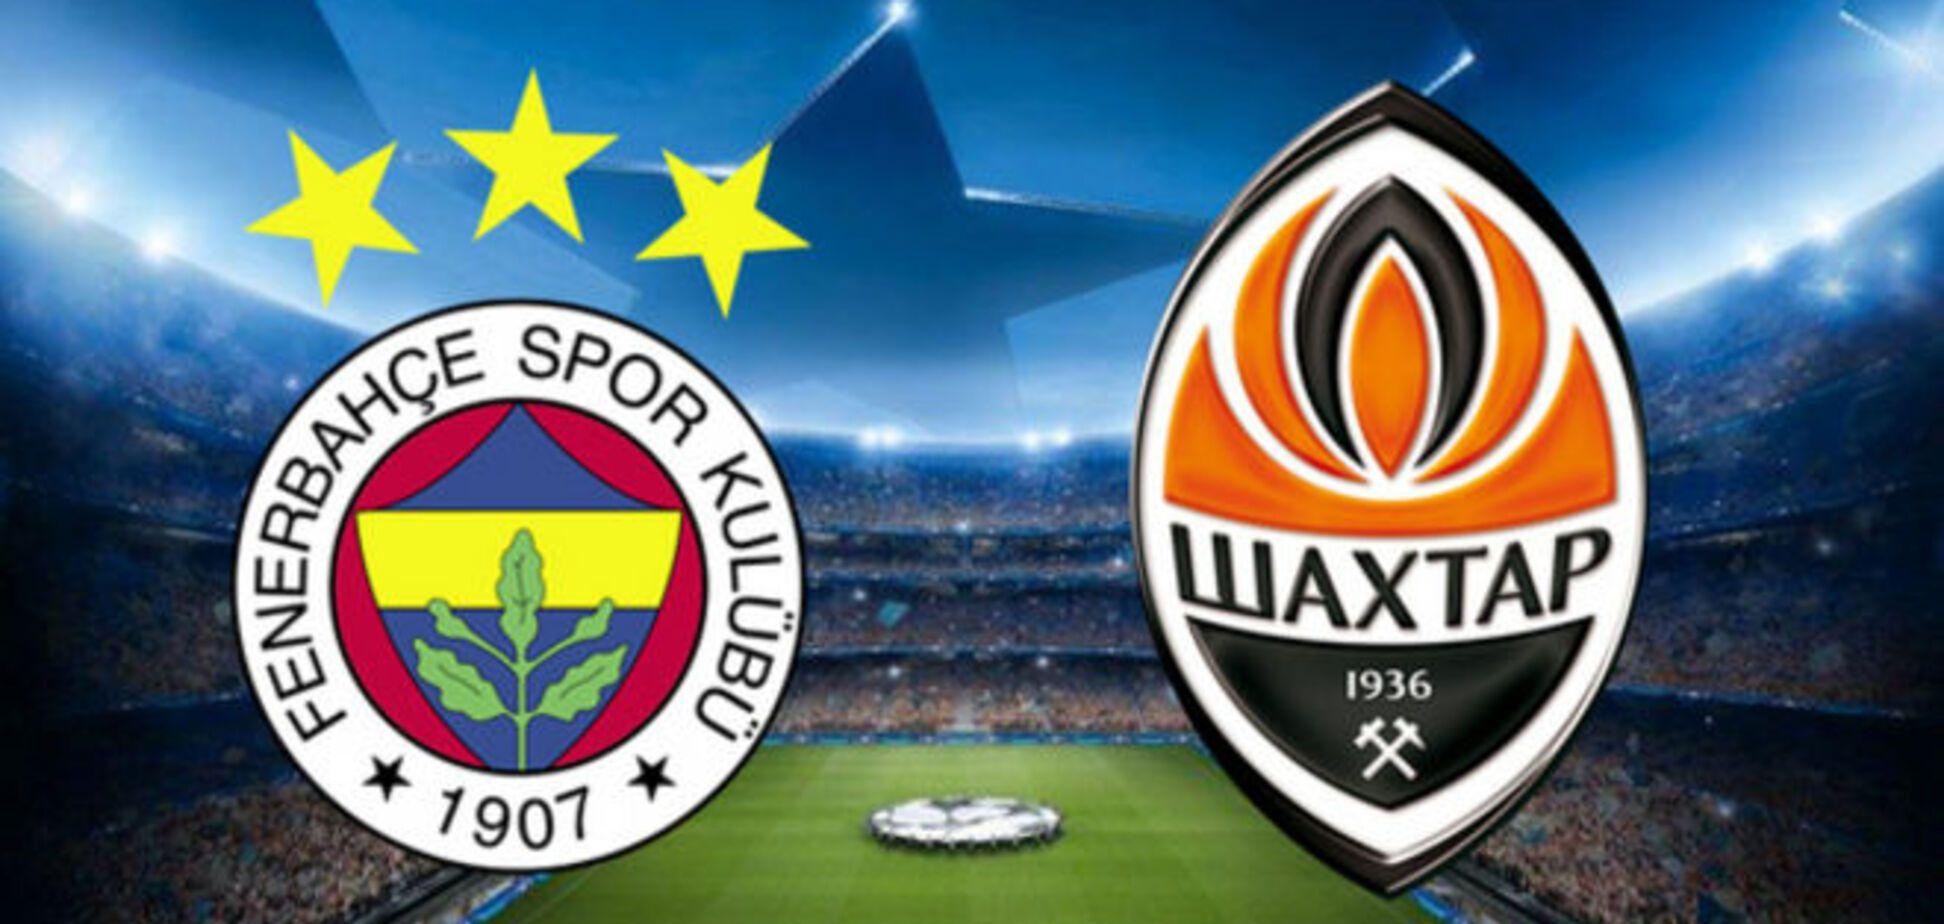 Фенербахче - Шахтар: дивитися онлайн відеотрансляцію матчу